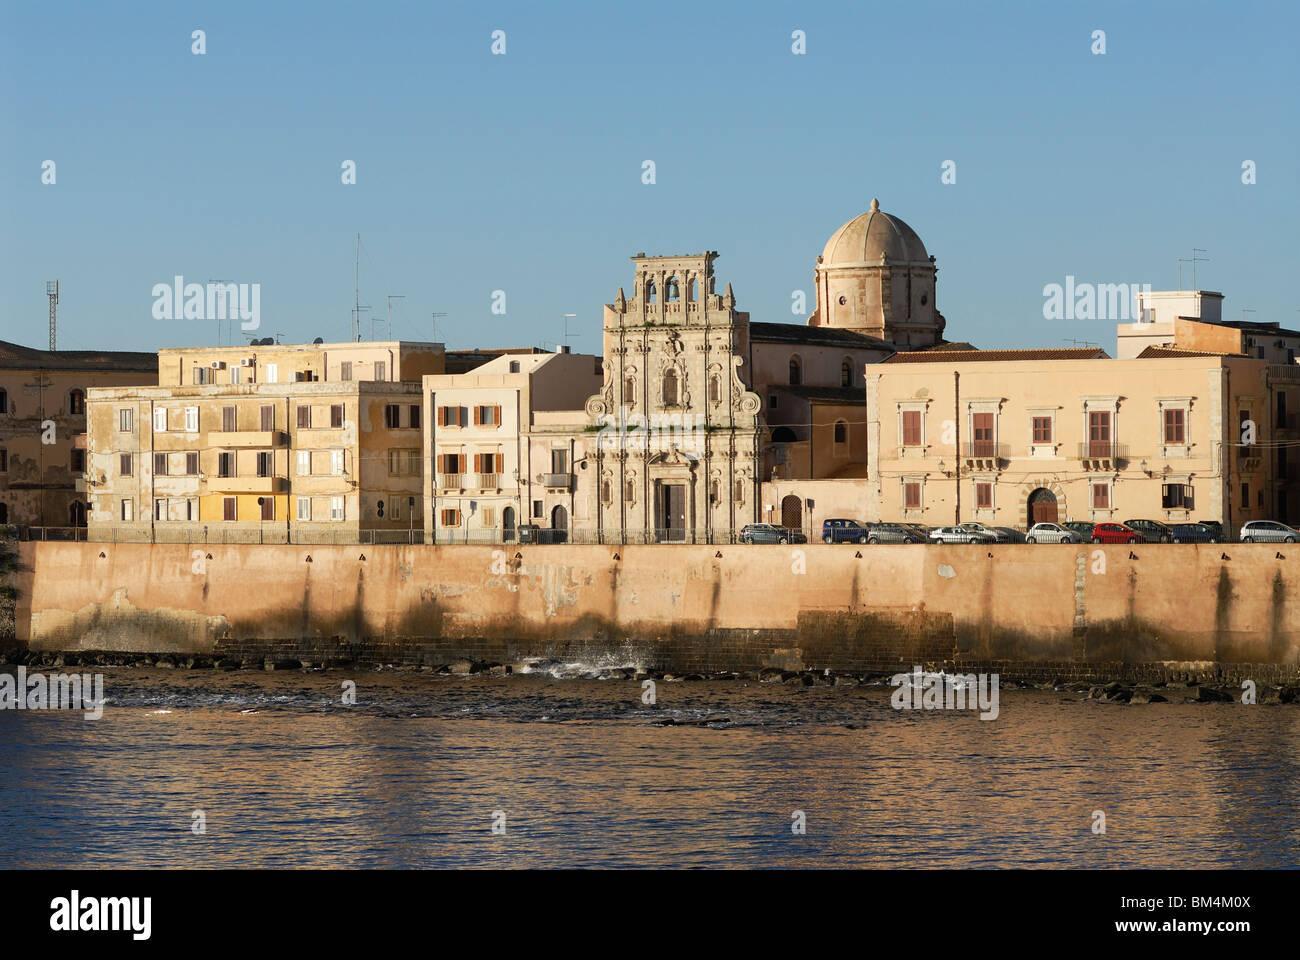 Syracuse / Siracusa. Sicily. Italy. Ortygia. Chiesa dello Spirito Santo, Lungomare d'Ortigia. - Stock Image